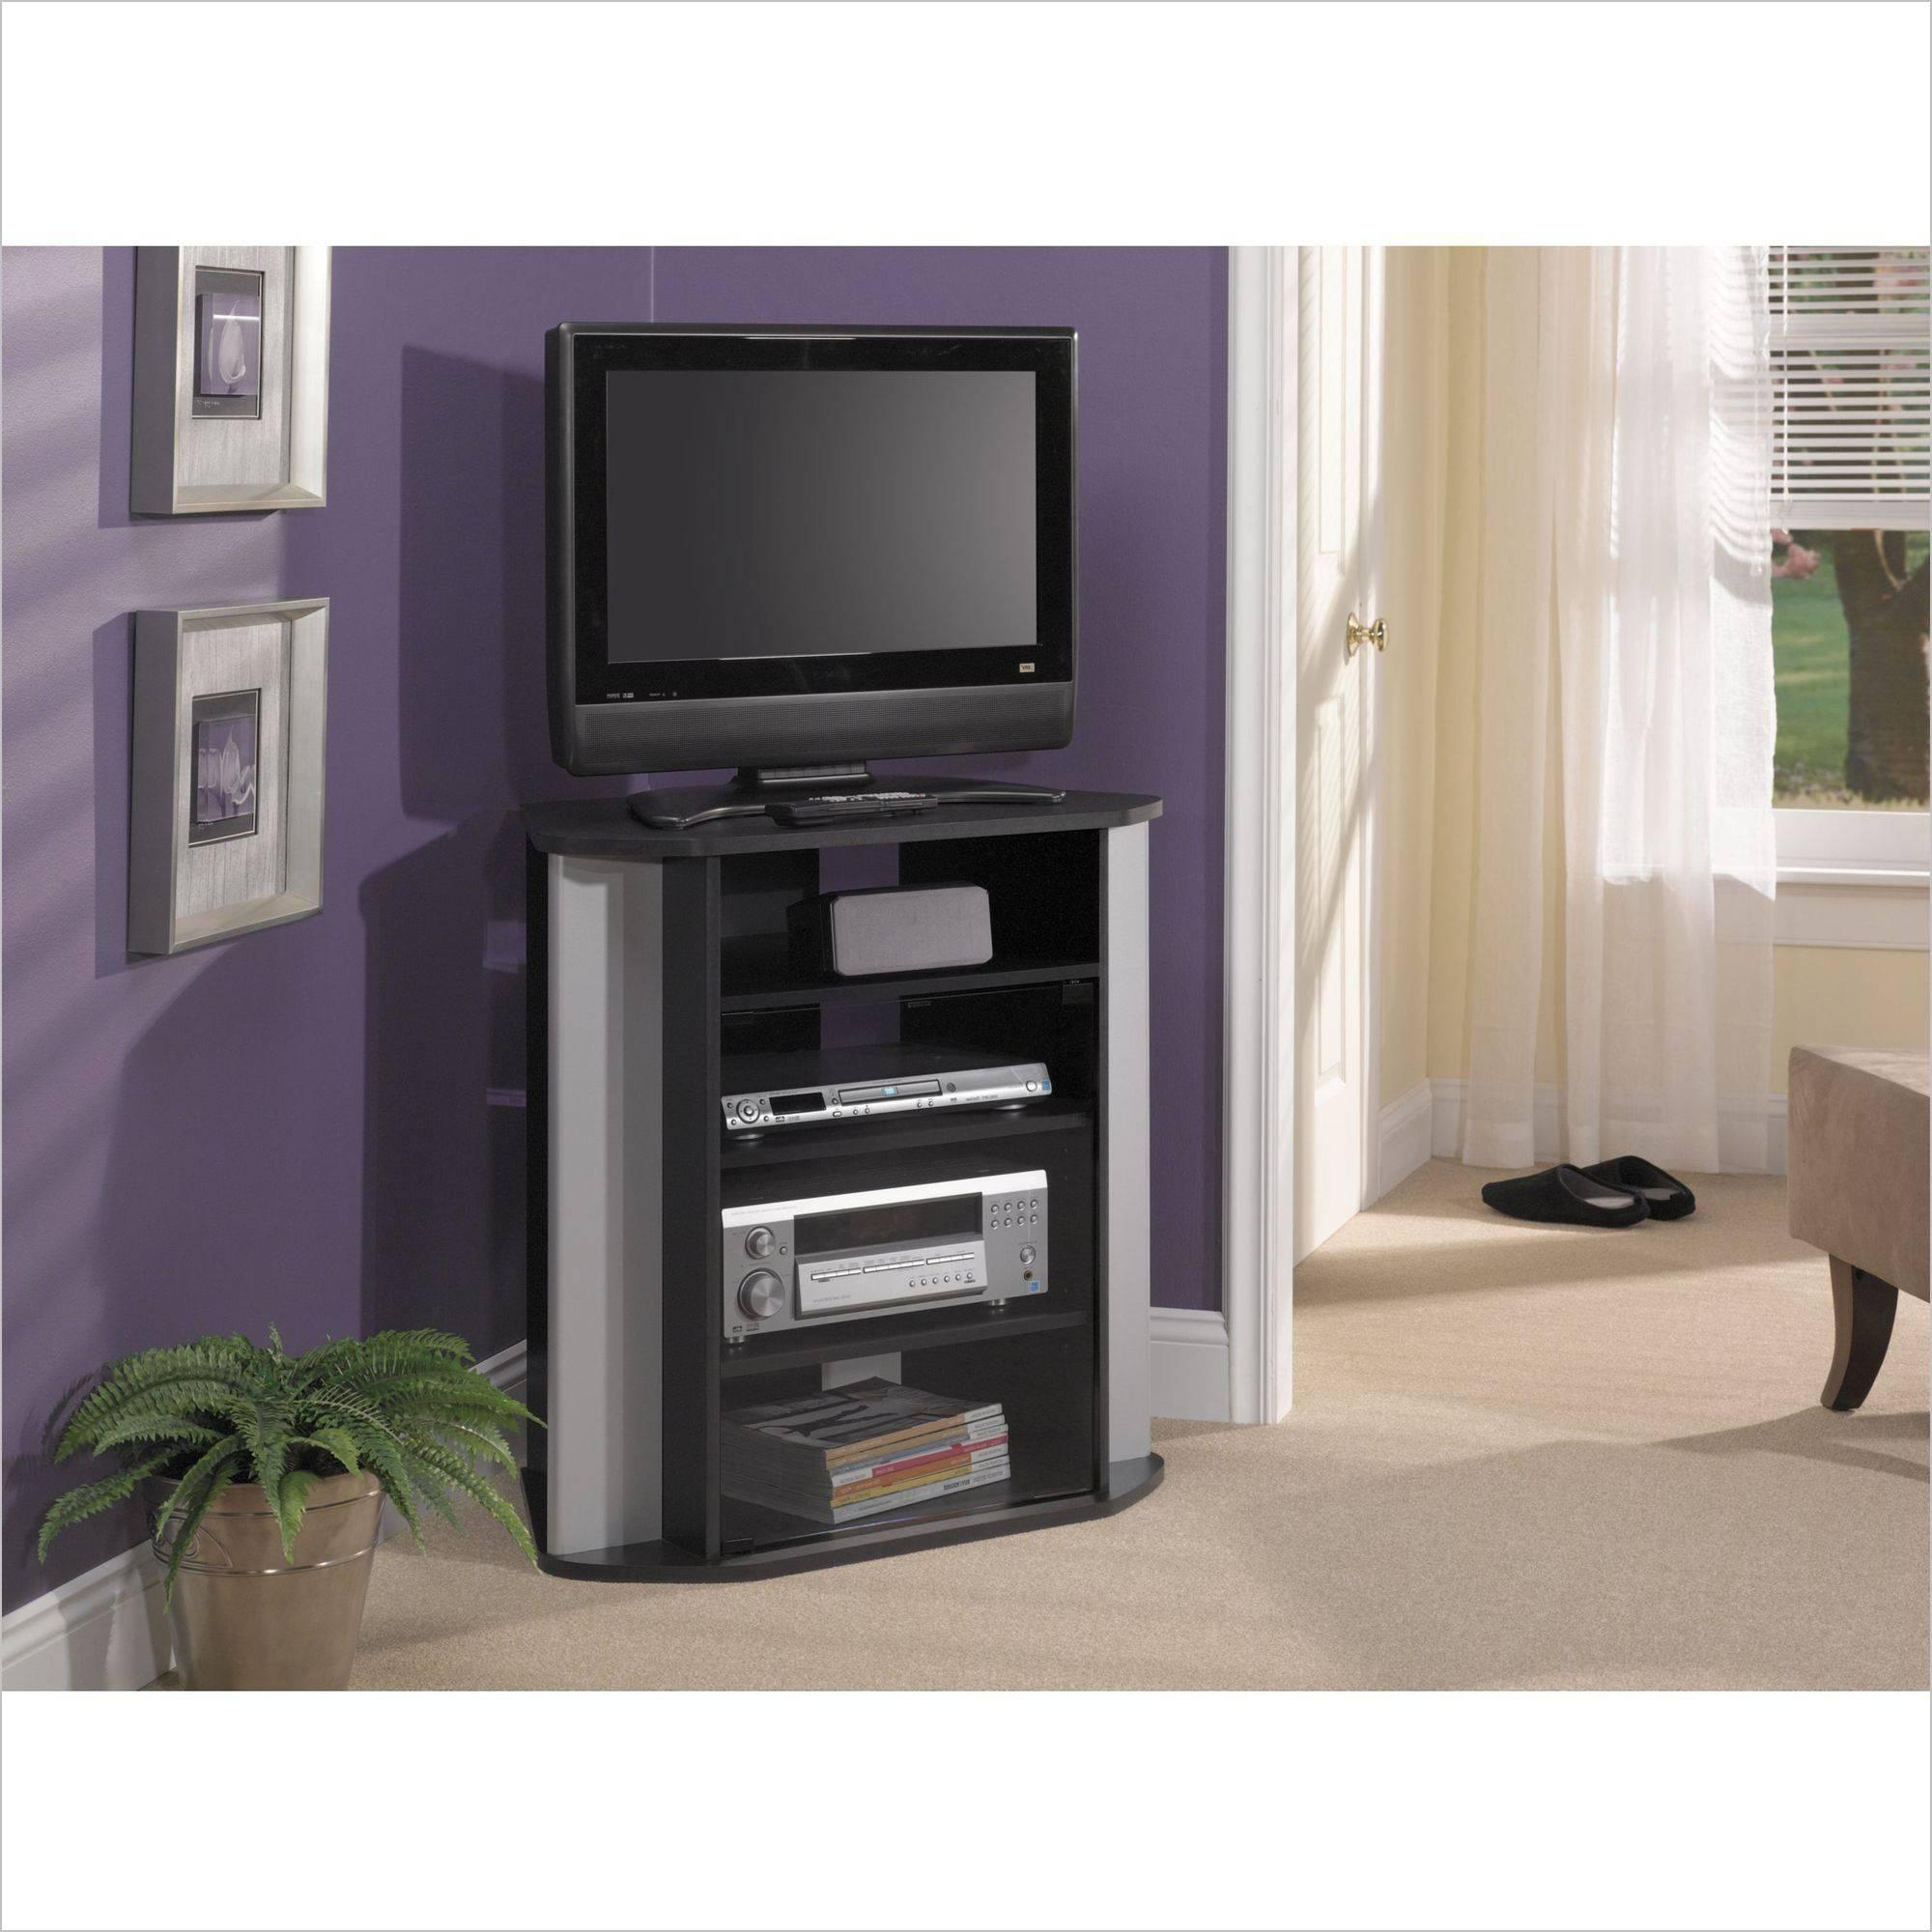 Unique Tv Stands. Buy Modern Tv Stnads Online Uk. Kanto Oasis 50 inside Unique Corner Tv Stands (Image 13 of 15)